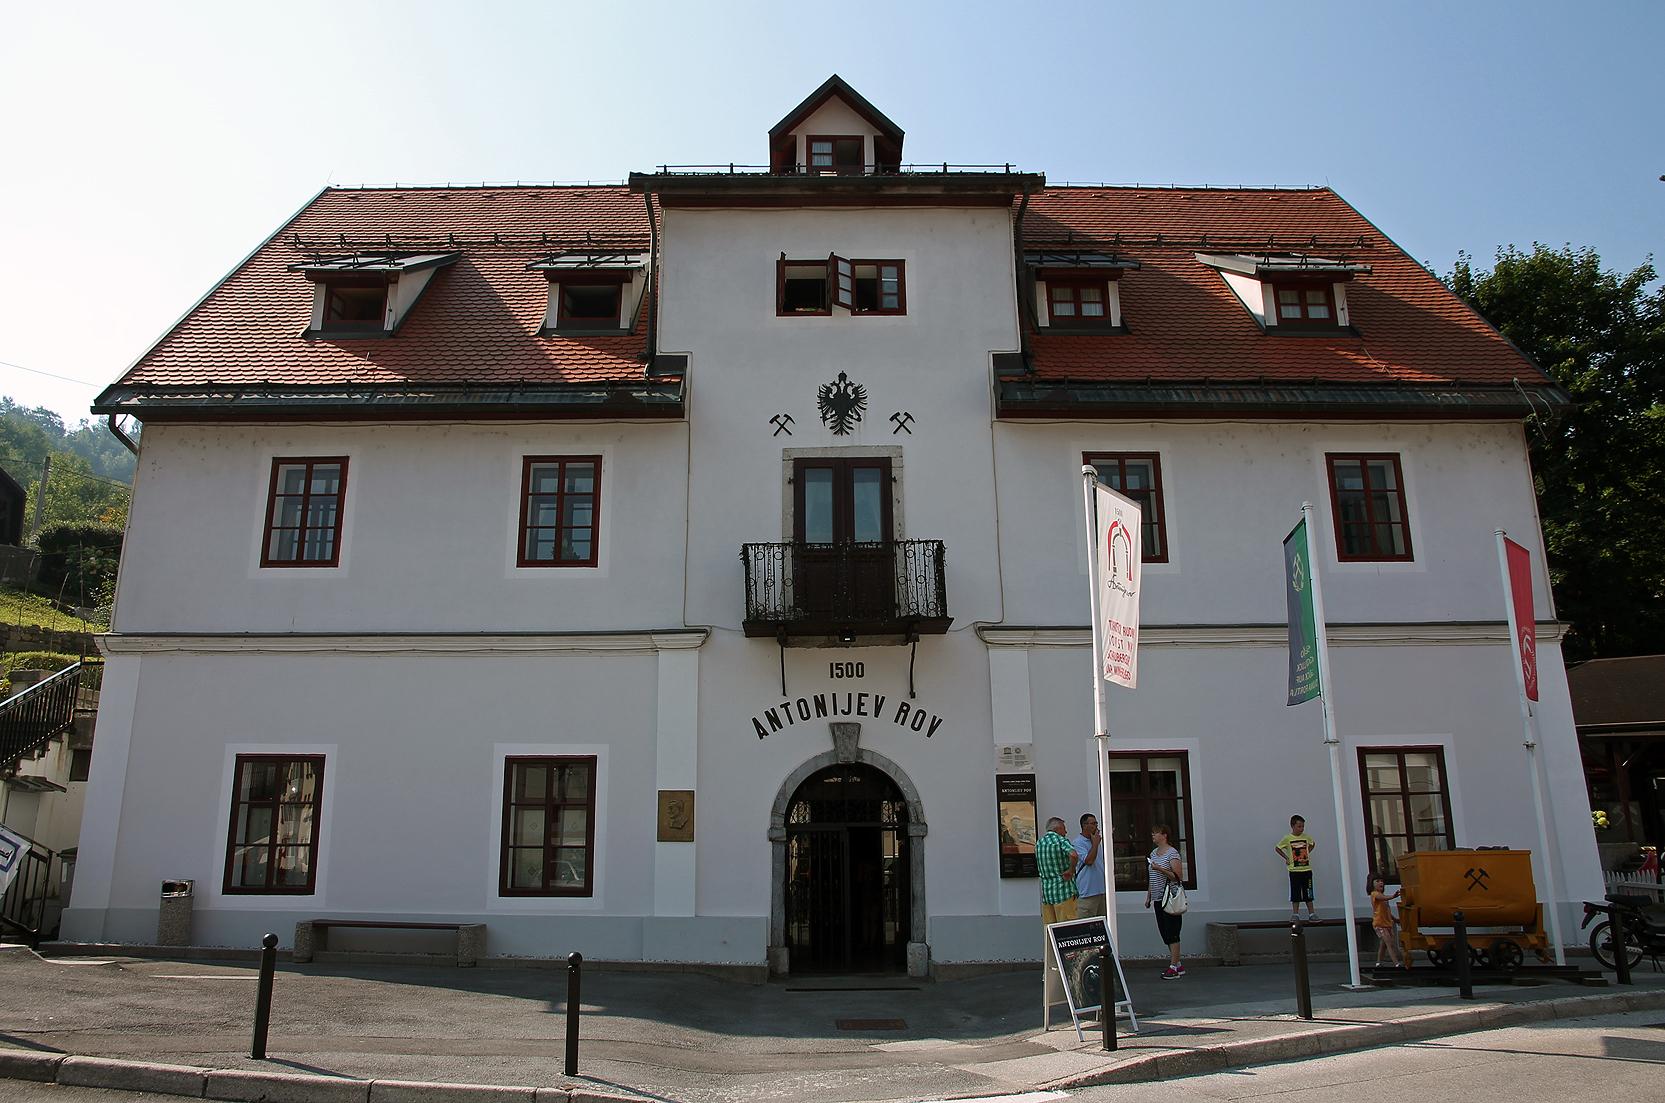 Šelštev building.